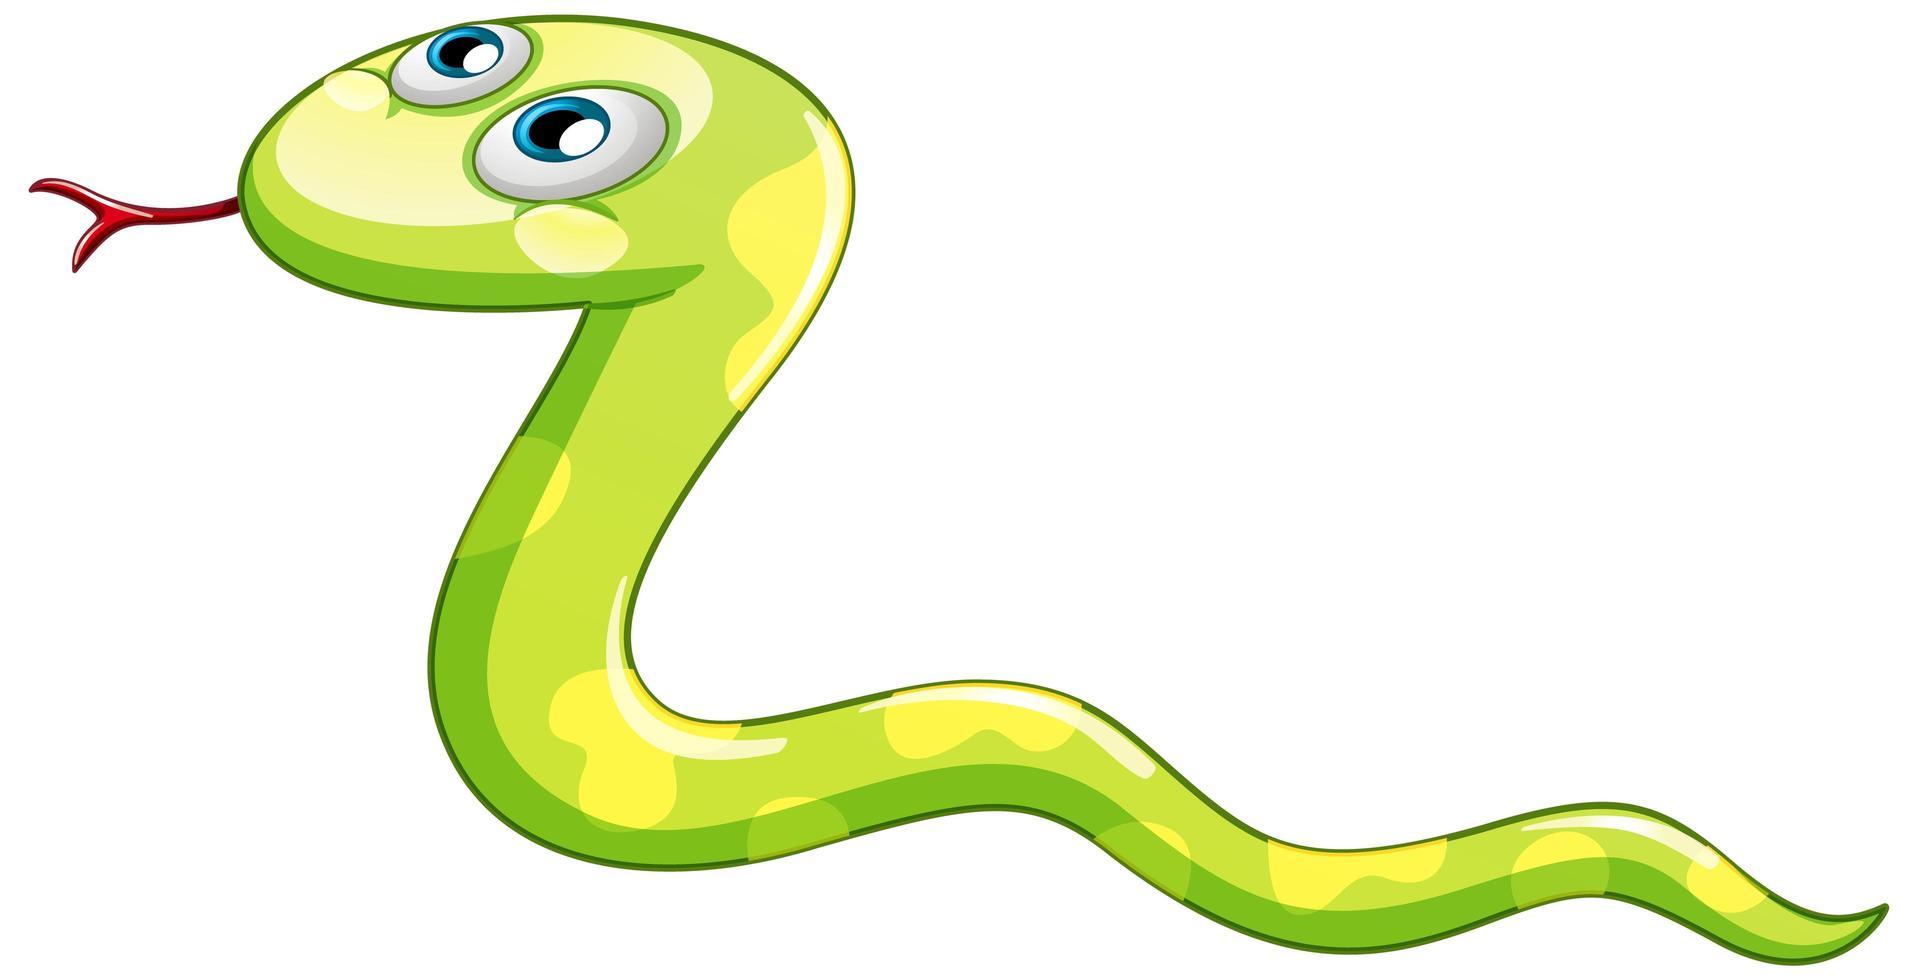 en tecknad karaktär av en grön orm på vit bakgrund vektor